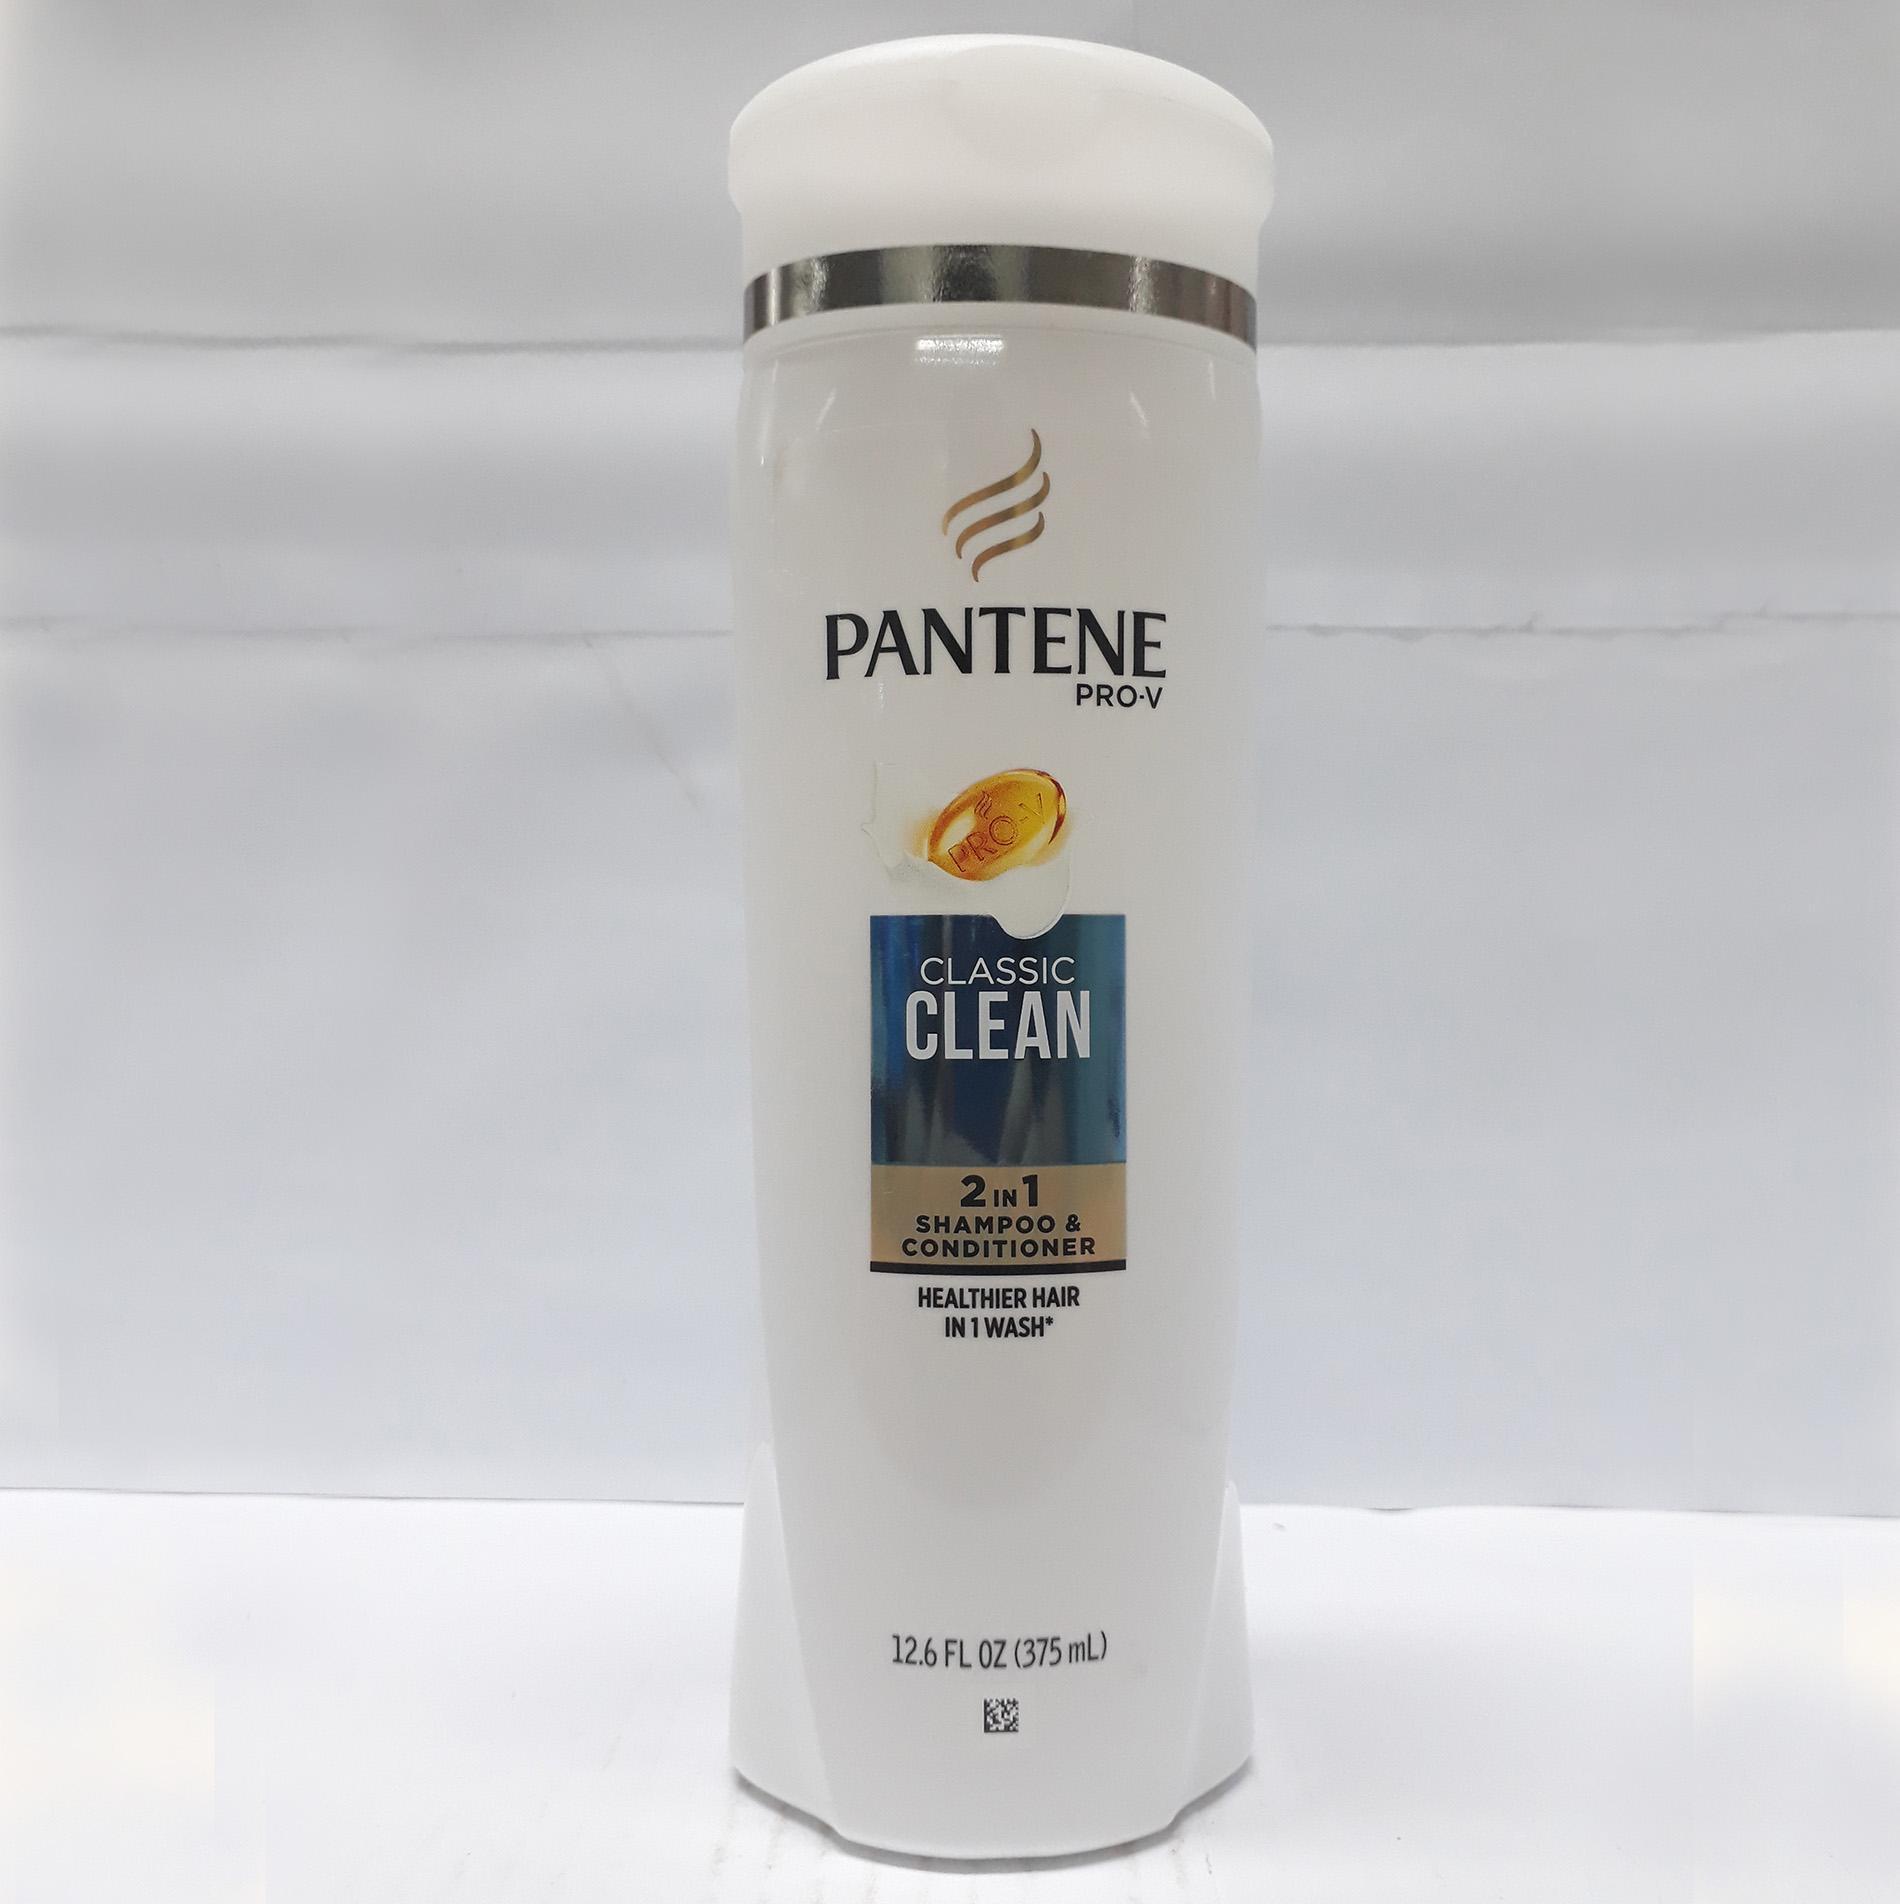 Dầu gội Pantene Clacssic Clean 2in1 375ml